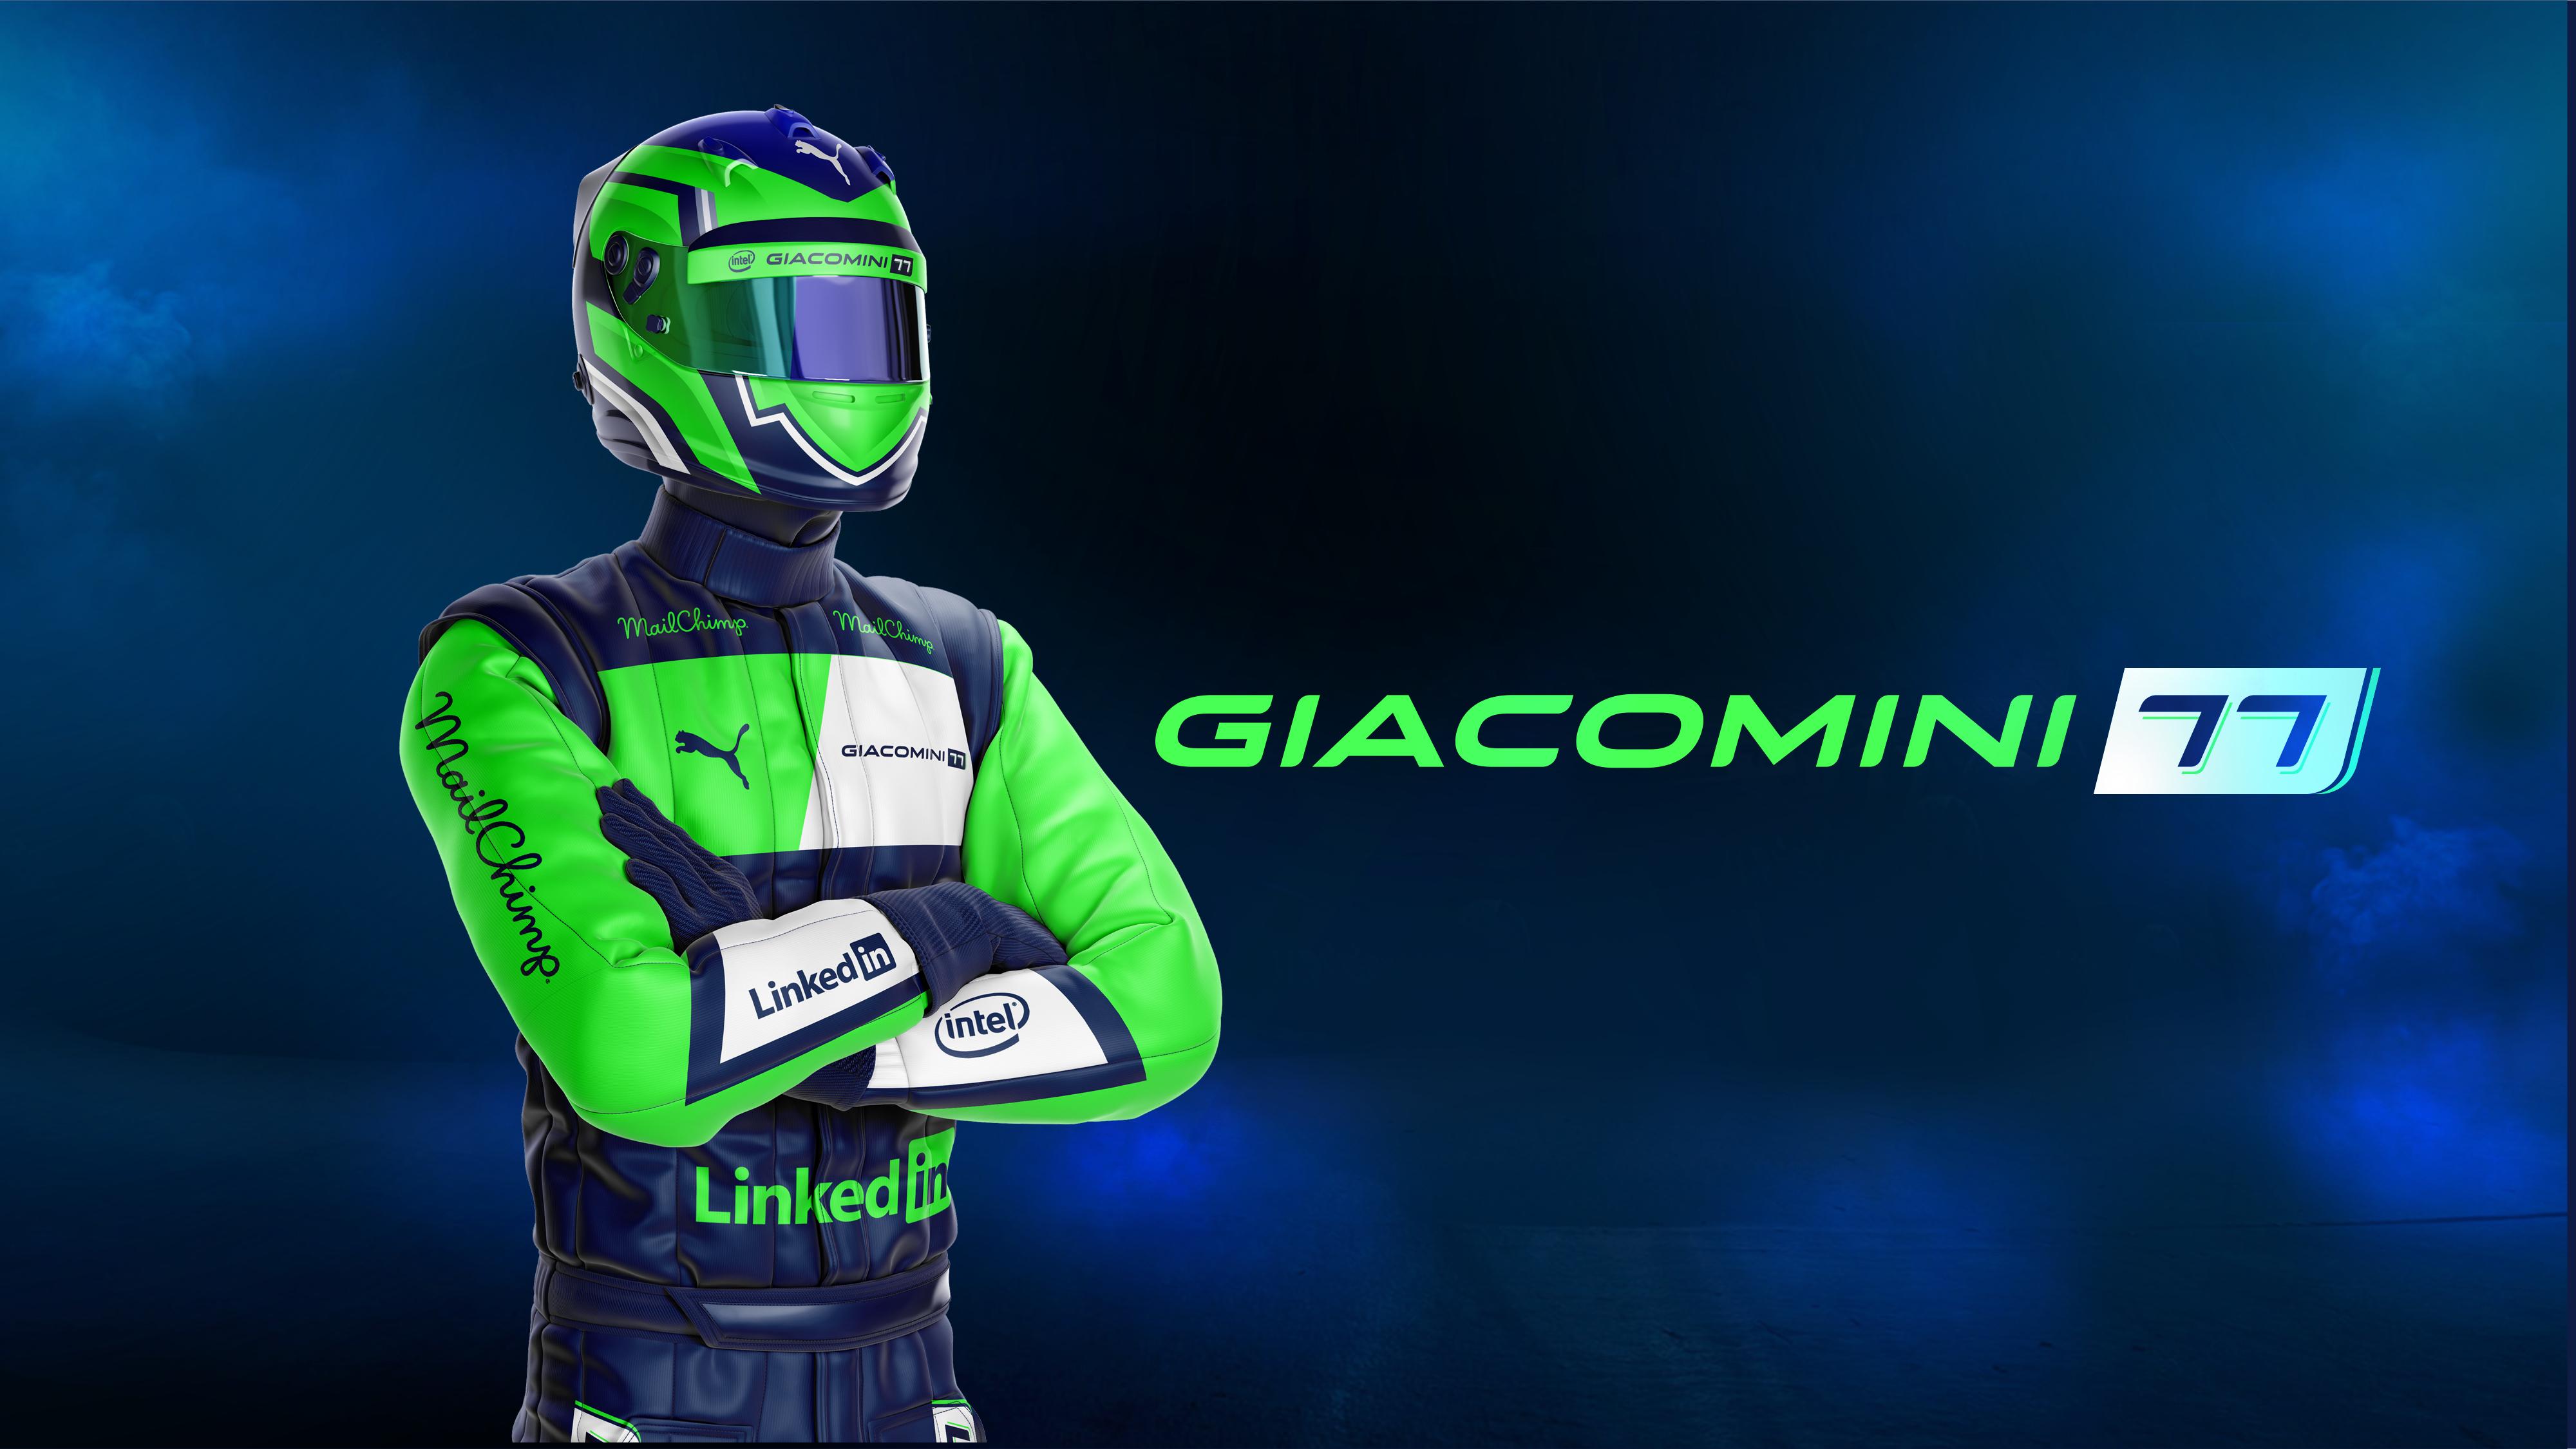 201800201 Branding Rodrigo Giacomini 77 – Identidade – Novo Macacão